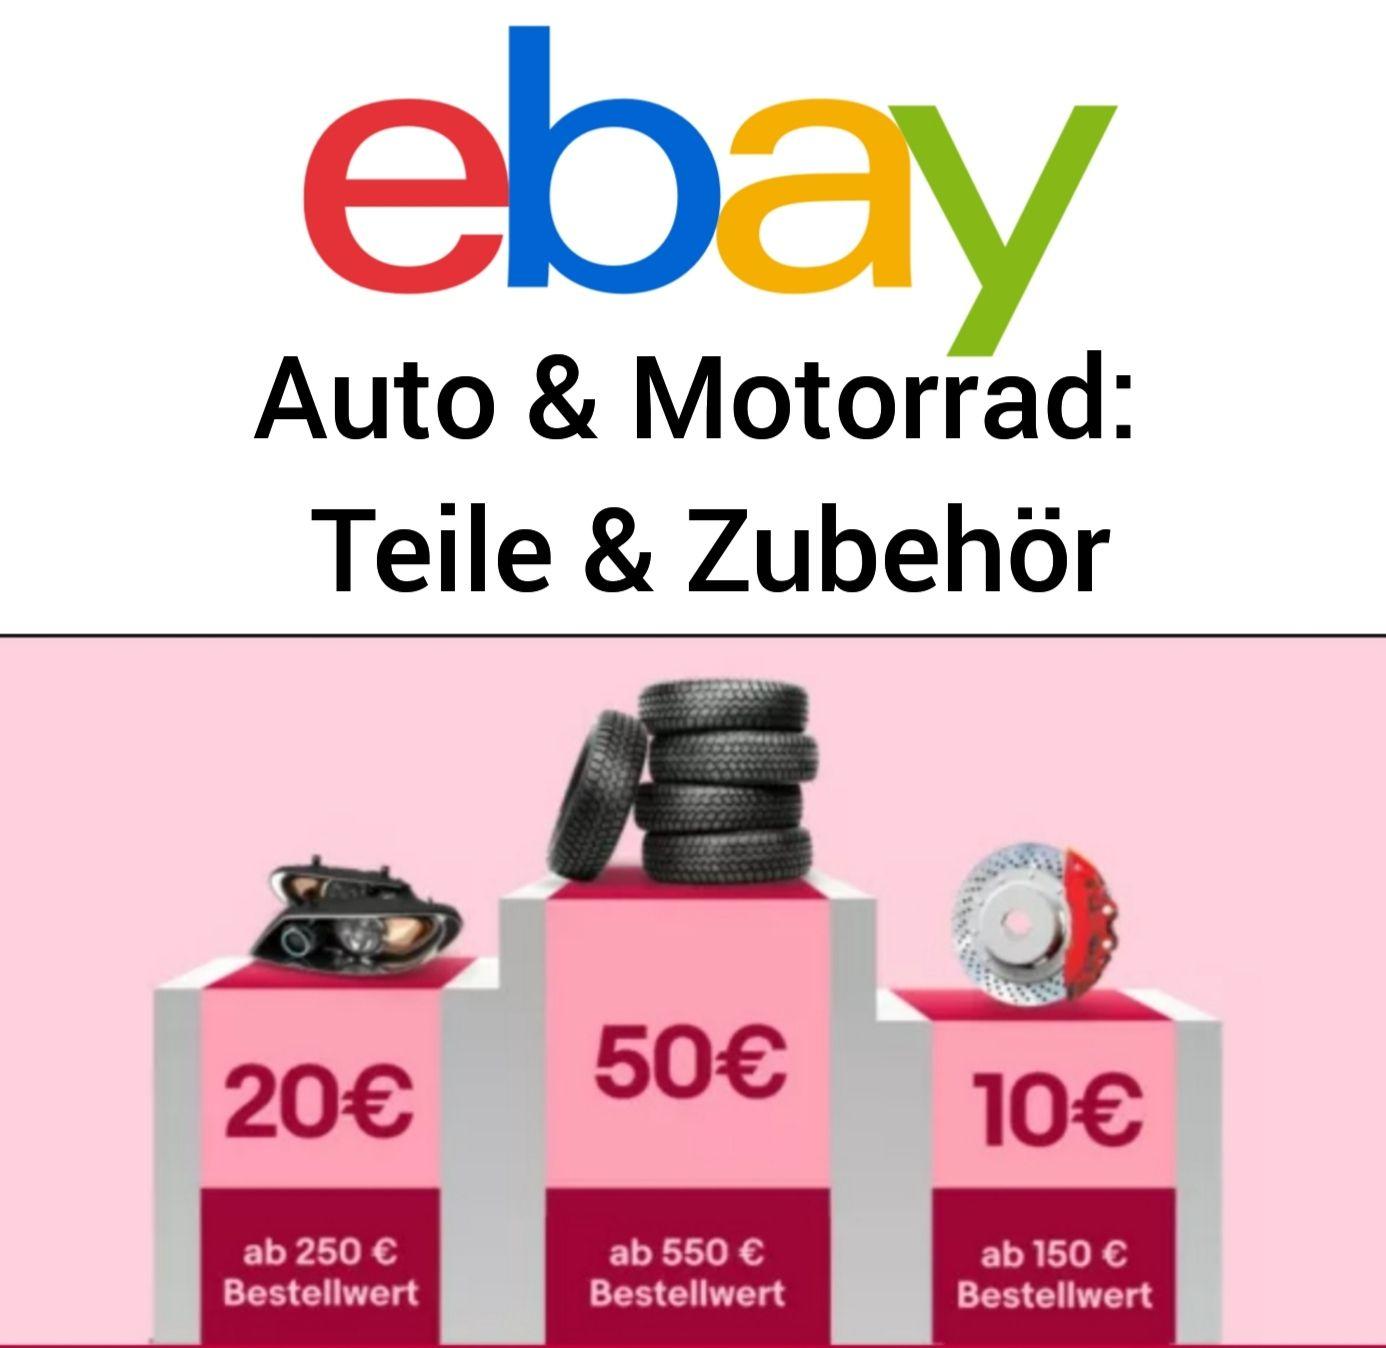 10/20/50€ ab 150/250/550€ MBW in Auto & Motorrad: Teile & Zubehör (z.B. Dunlop Winter Sport 5 205/55 R16 91H M+S Winterreifen für 252,52)